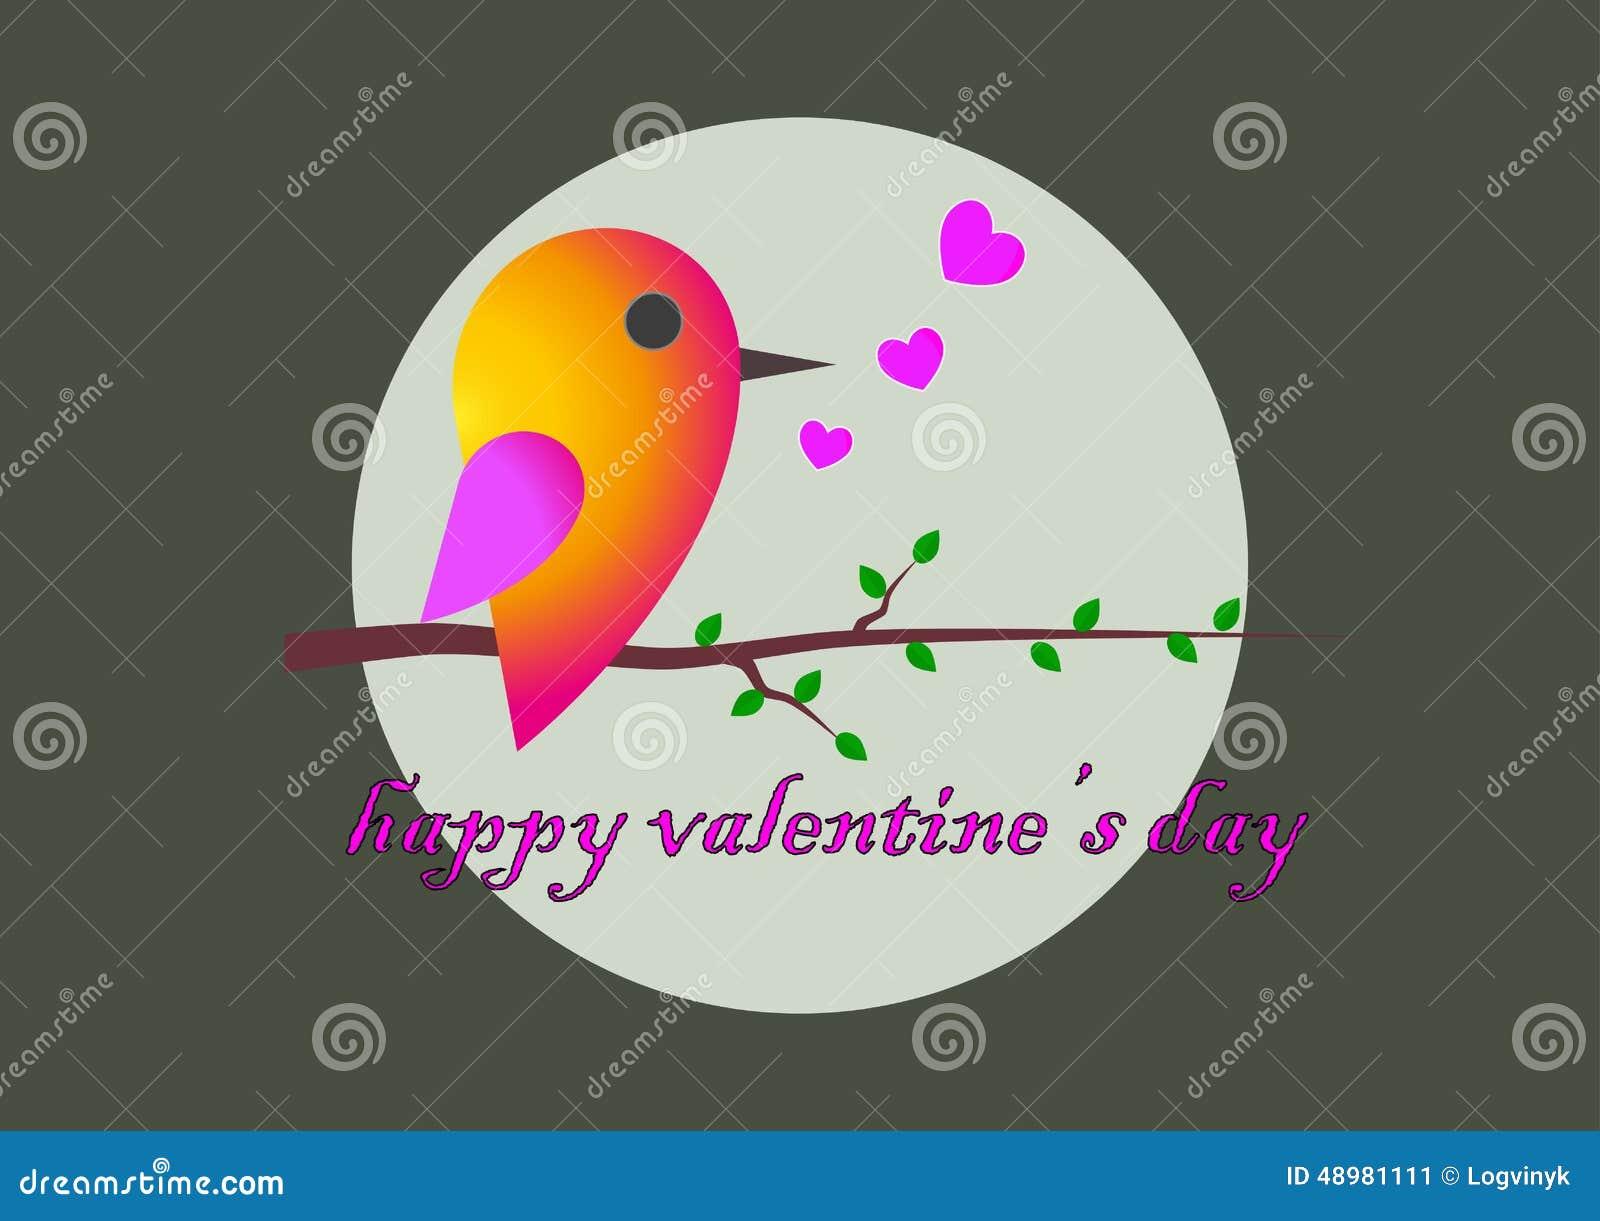 Spatz Glückwünsche Zum St. Valentinstag